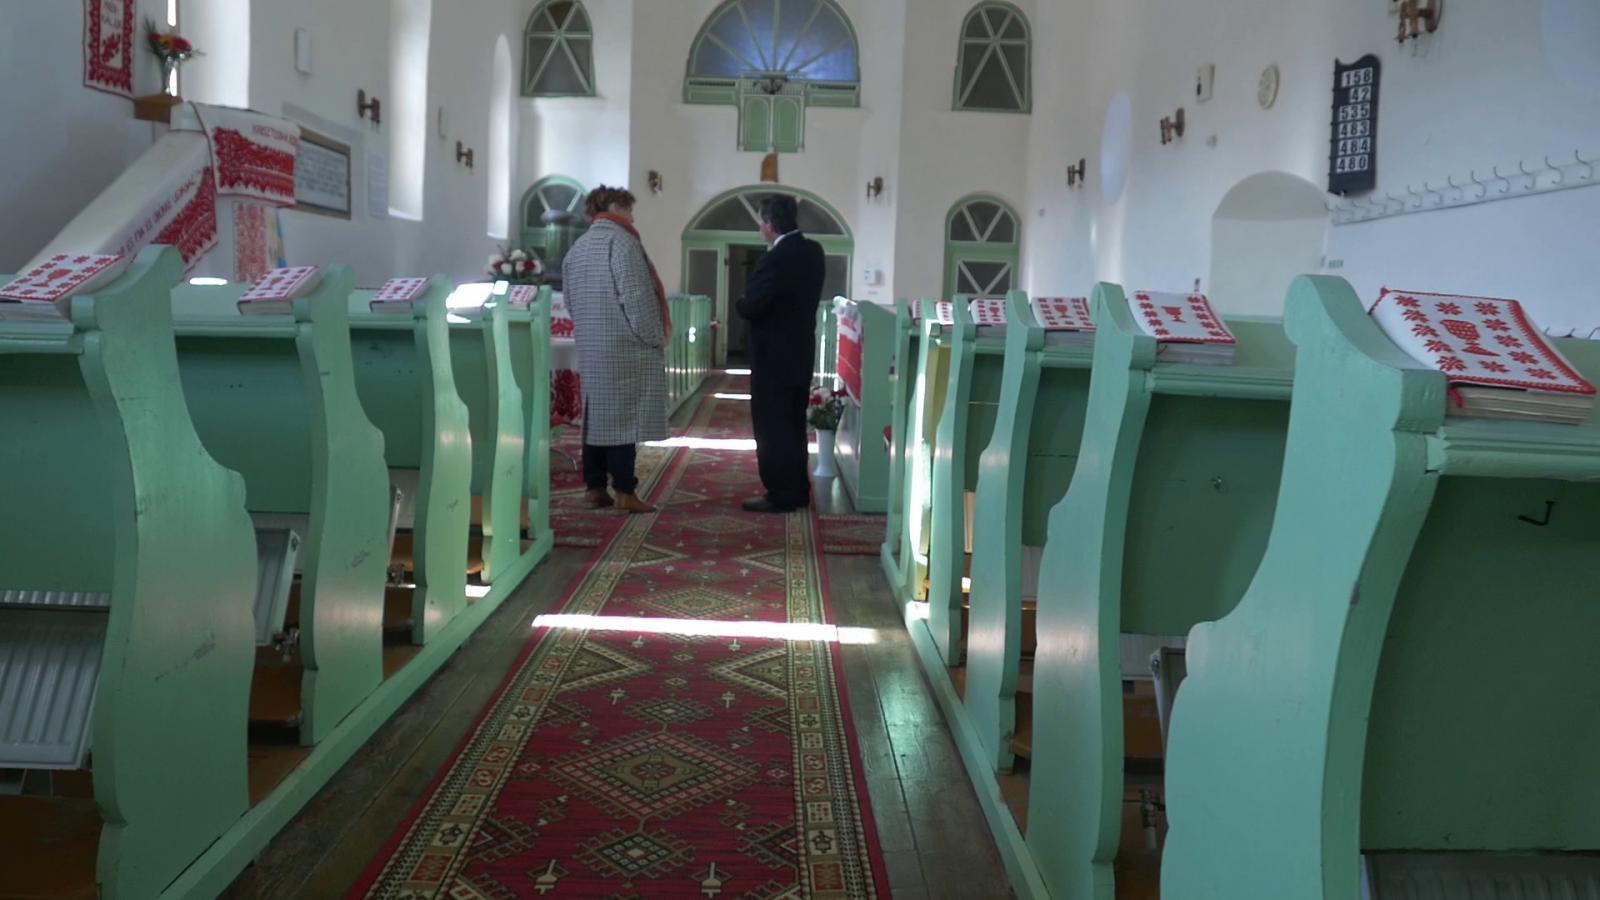 A Bethlen Péter által épített református templom belseje. Zsargó János tiszteletes magyaráz